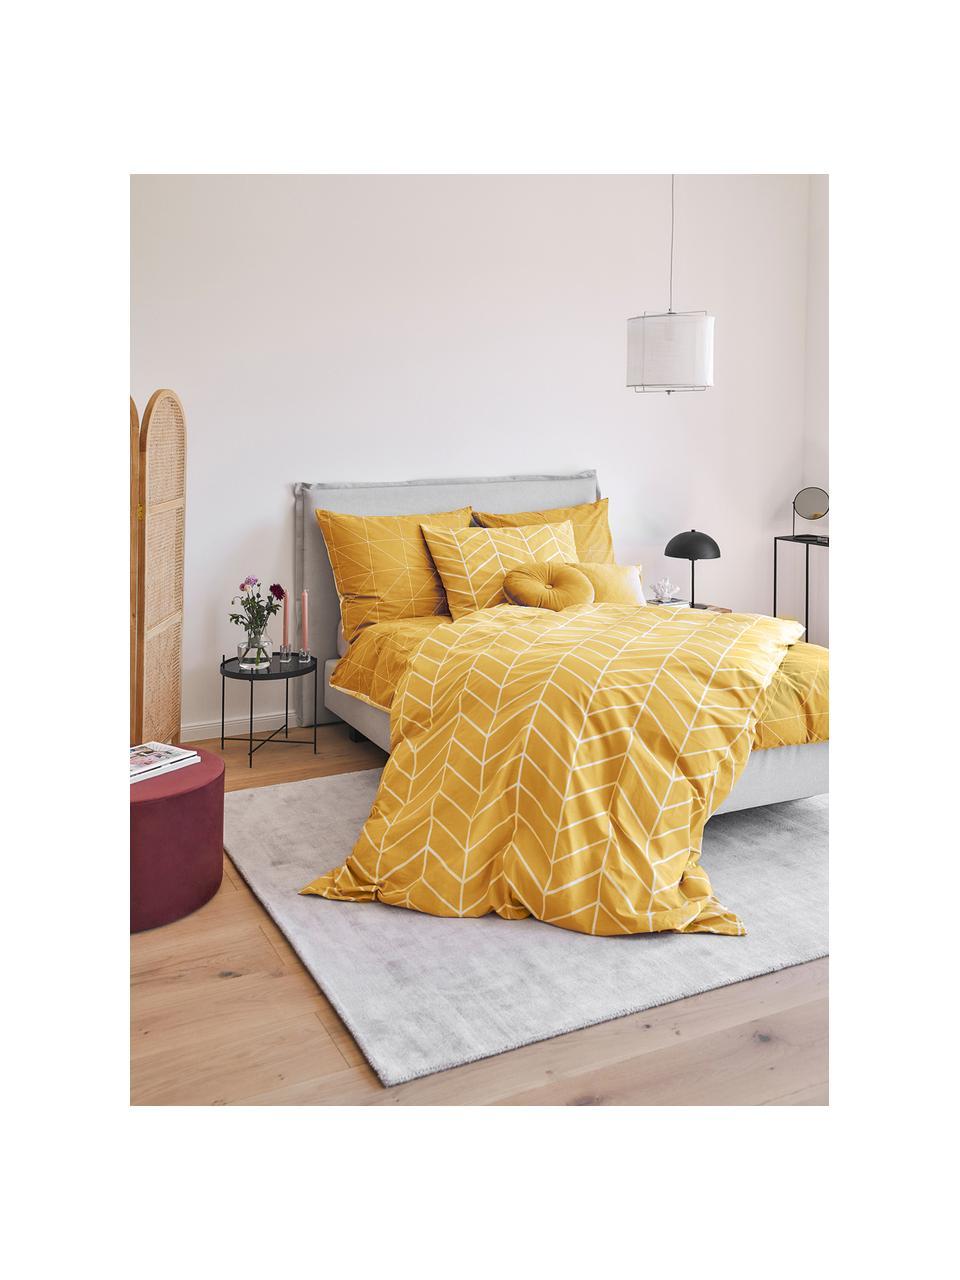 Pościel z bawełny Mirja, Musztardowy, kremowobiały, 135 x 200 cm + 1 poduszka 80 x 80 cm